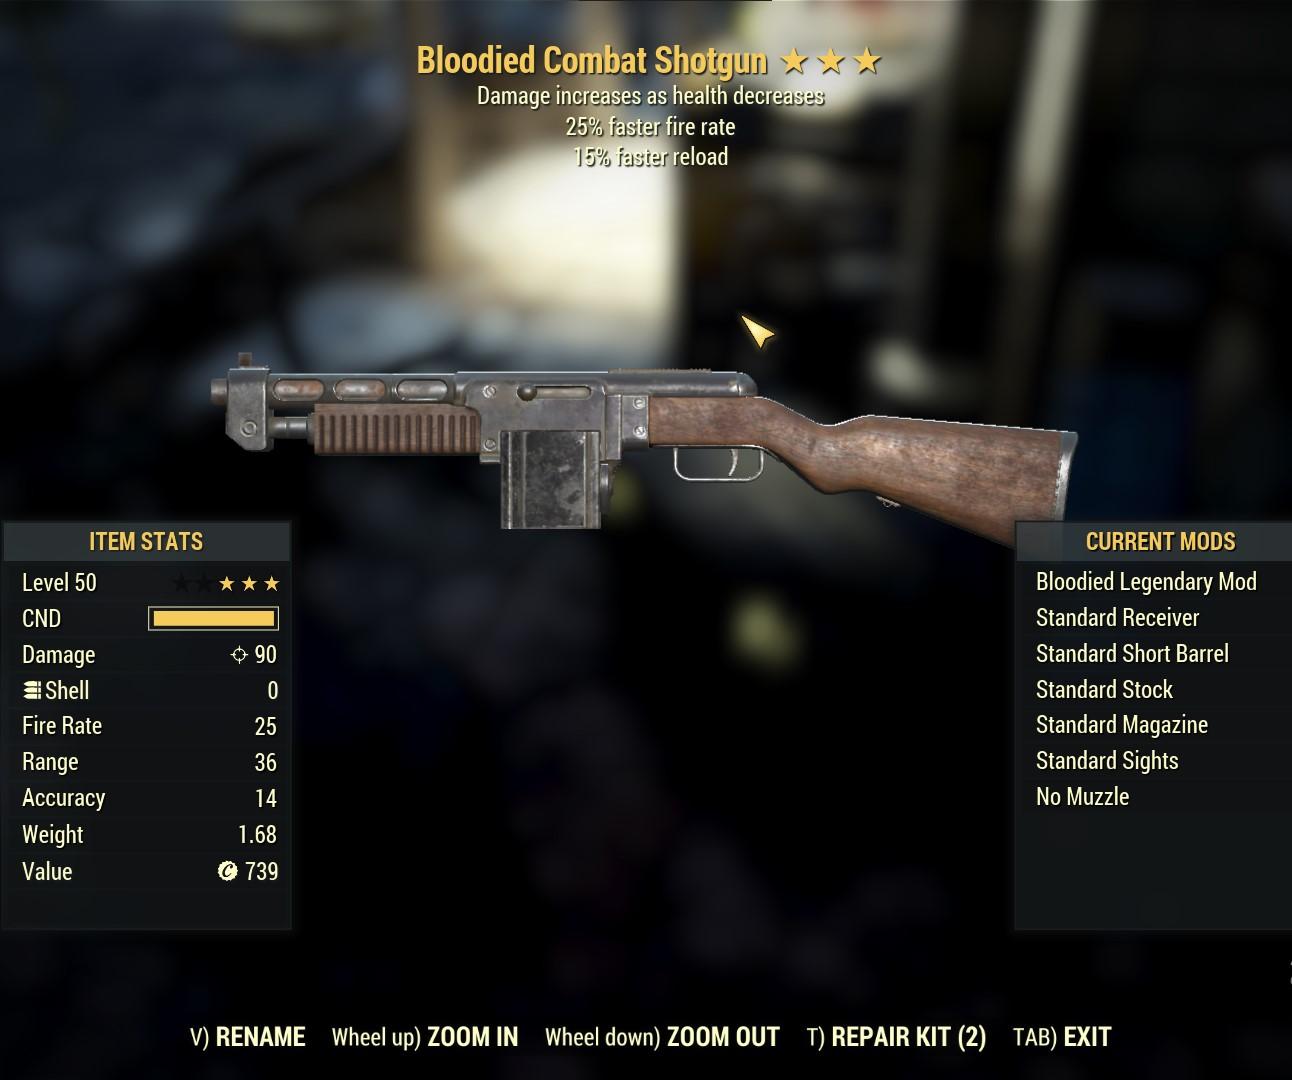 Bloodied Combat Shotgun (25% FFR 15% FR)